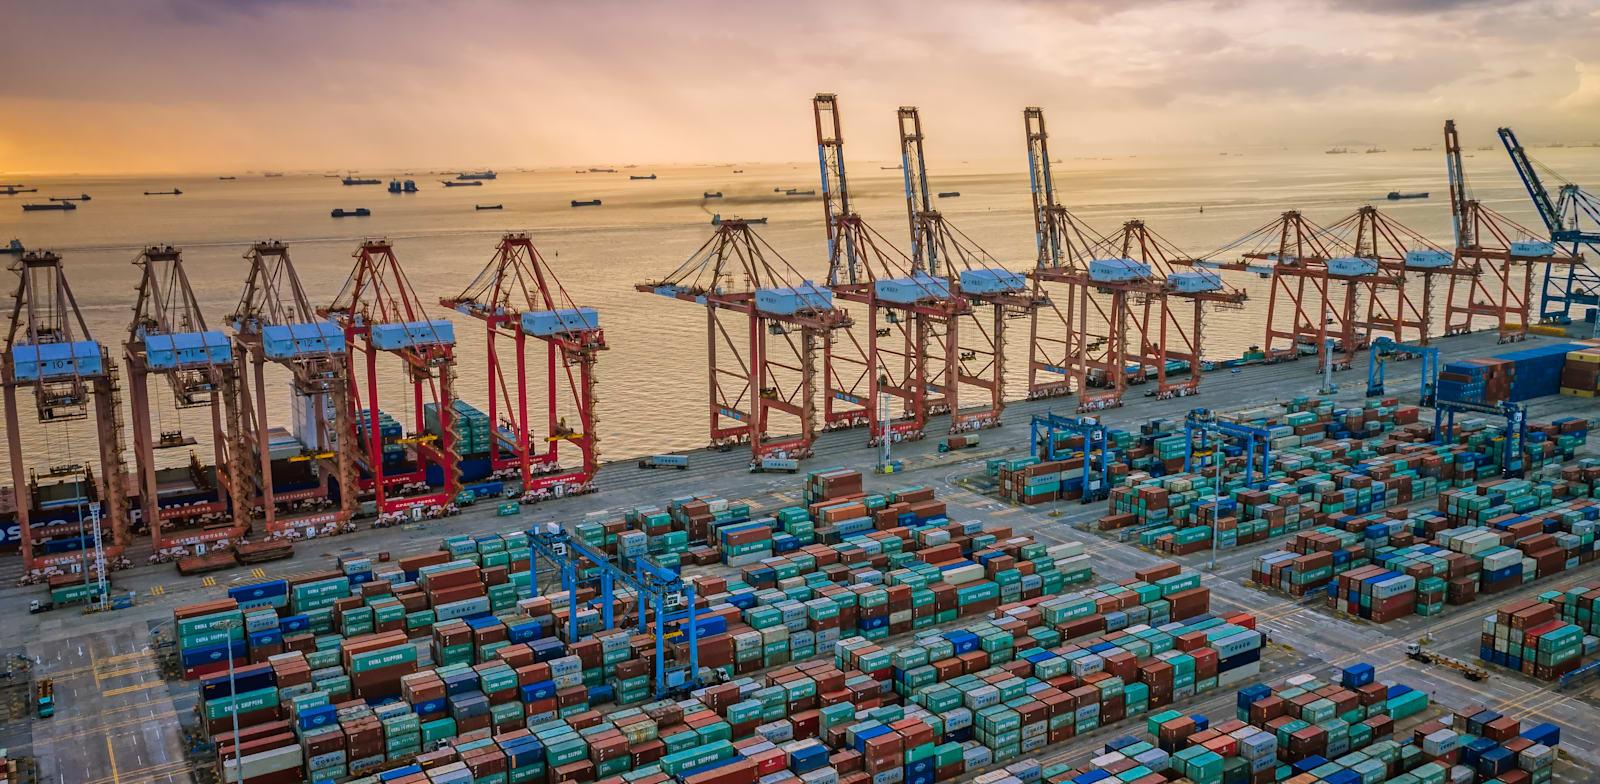 נמל גואנגג'ואו / צילום: Shutterstock, GuoZhongHua